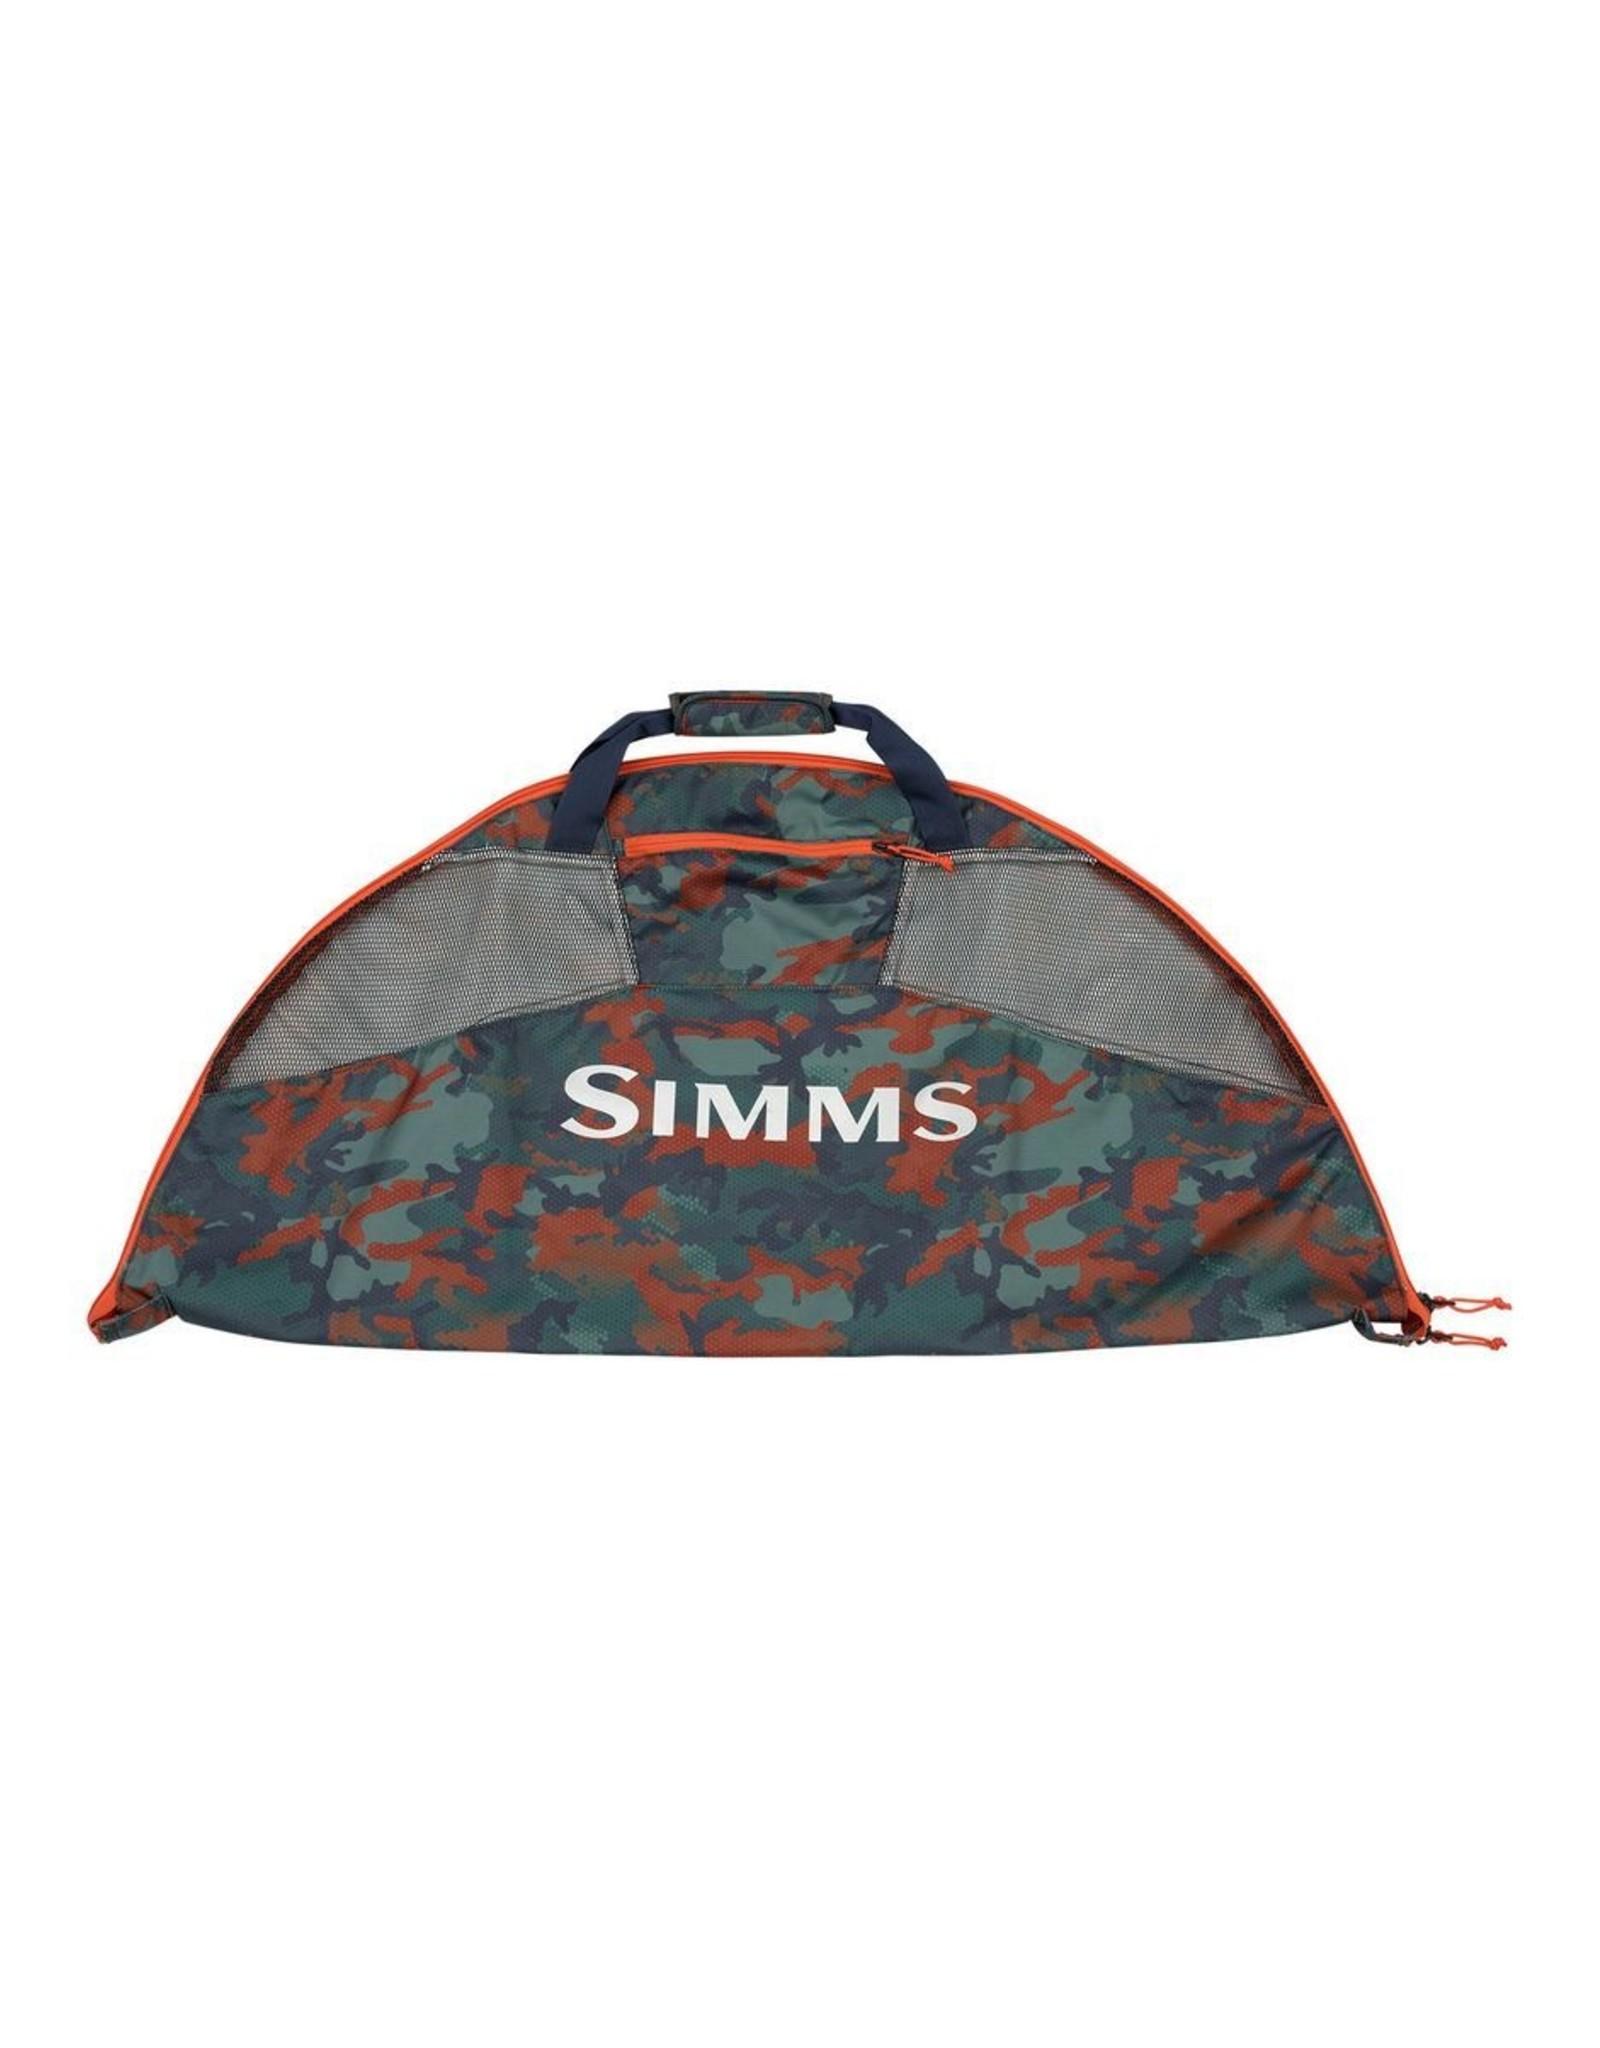 Simms Taco Bag Hex Flow Camo